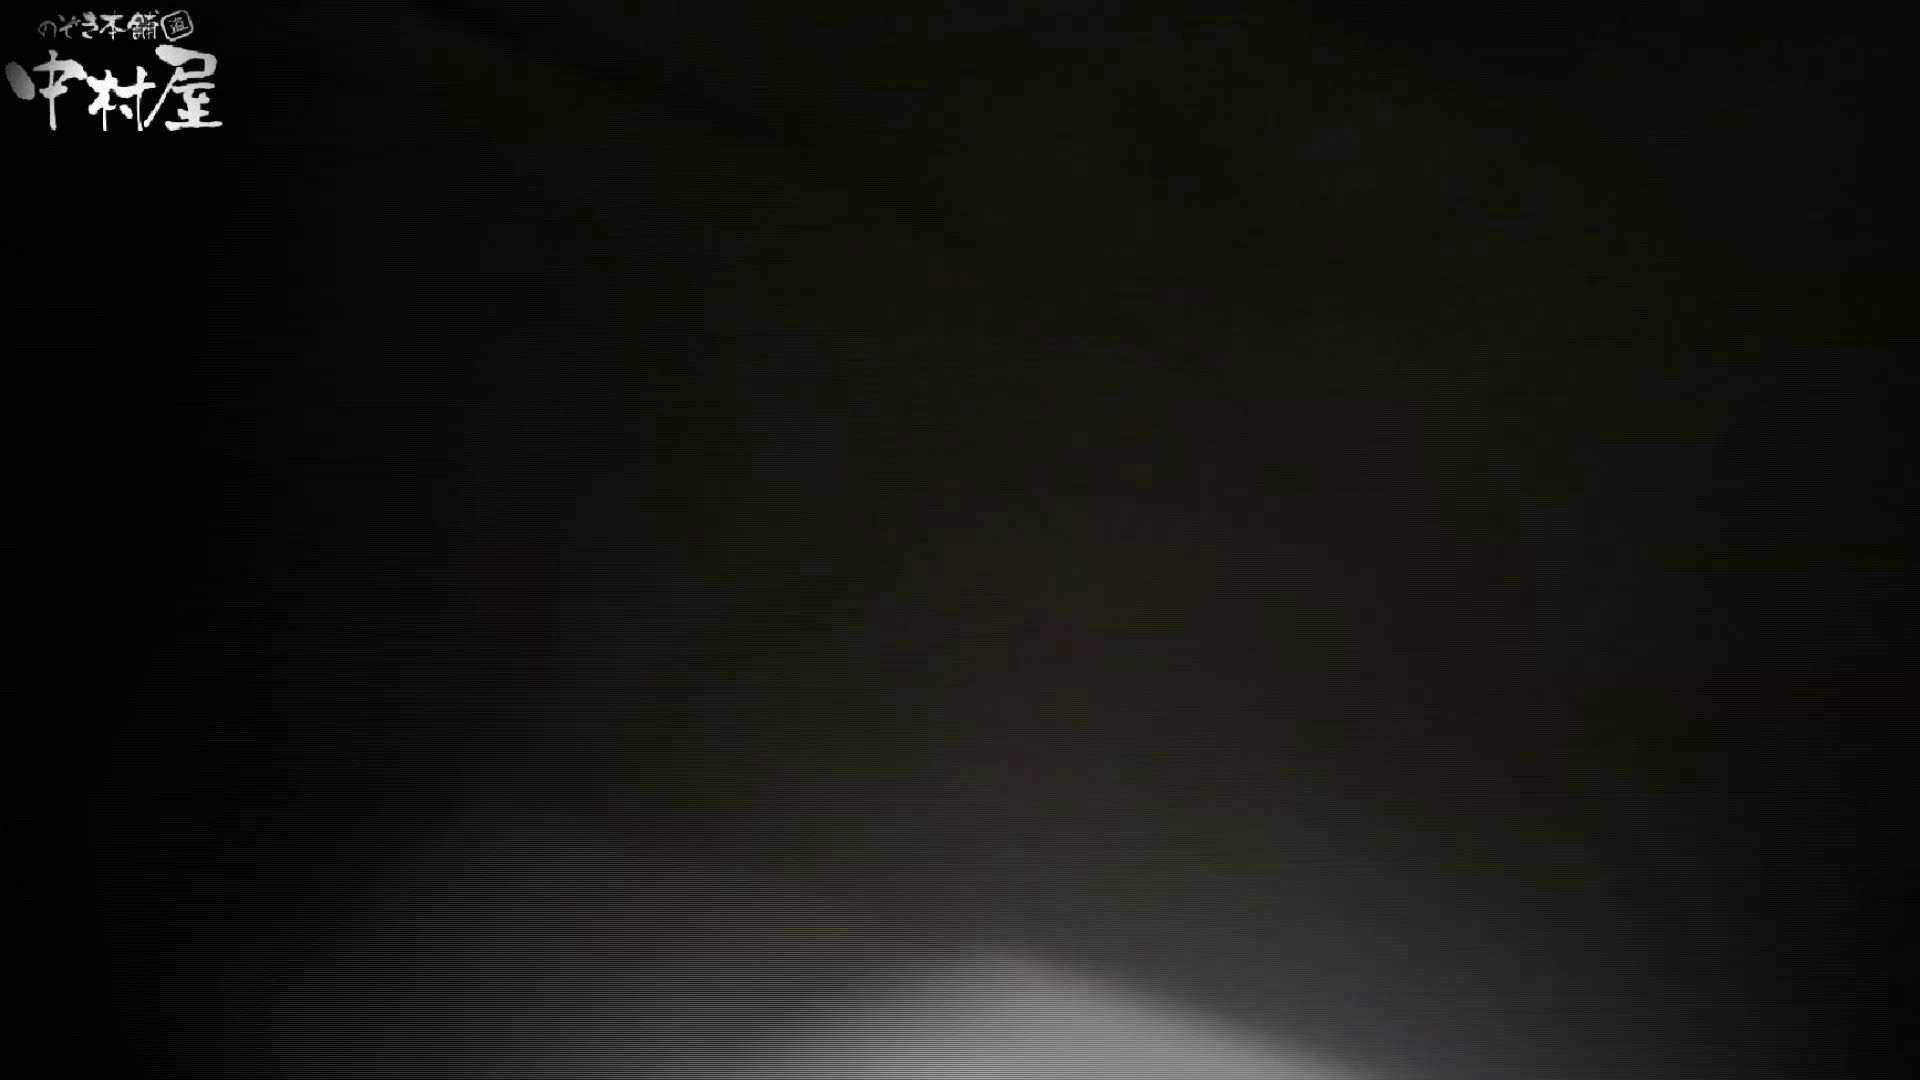 【世界の射窓から~ステーション編~】ステーション編 vol49 大がいっぱいモリモリ、ピリピリ後編 盗撮シリーズ   おまんこ見放題  92PIX 53